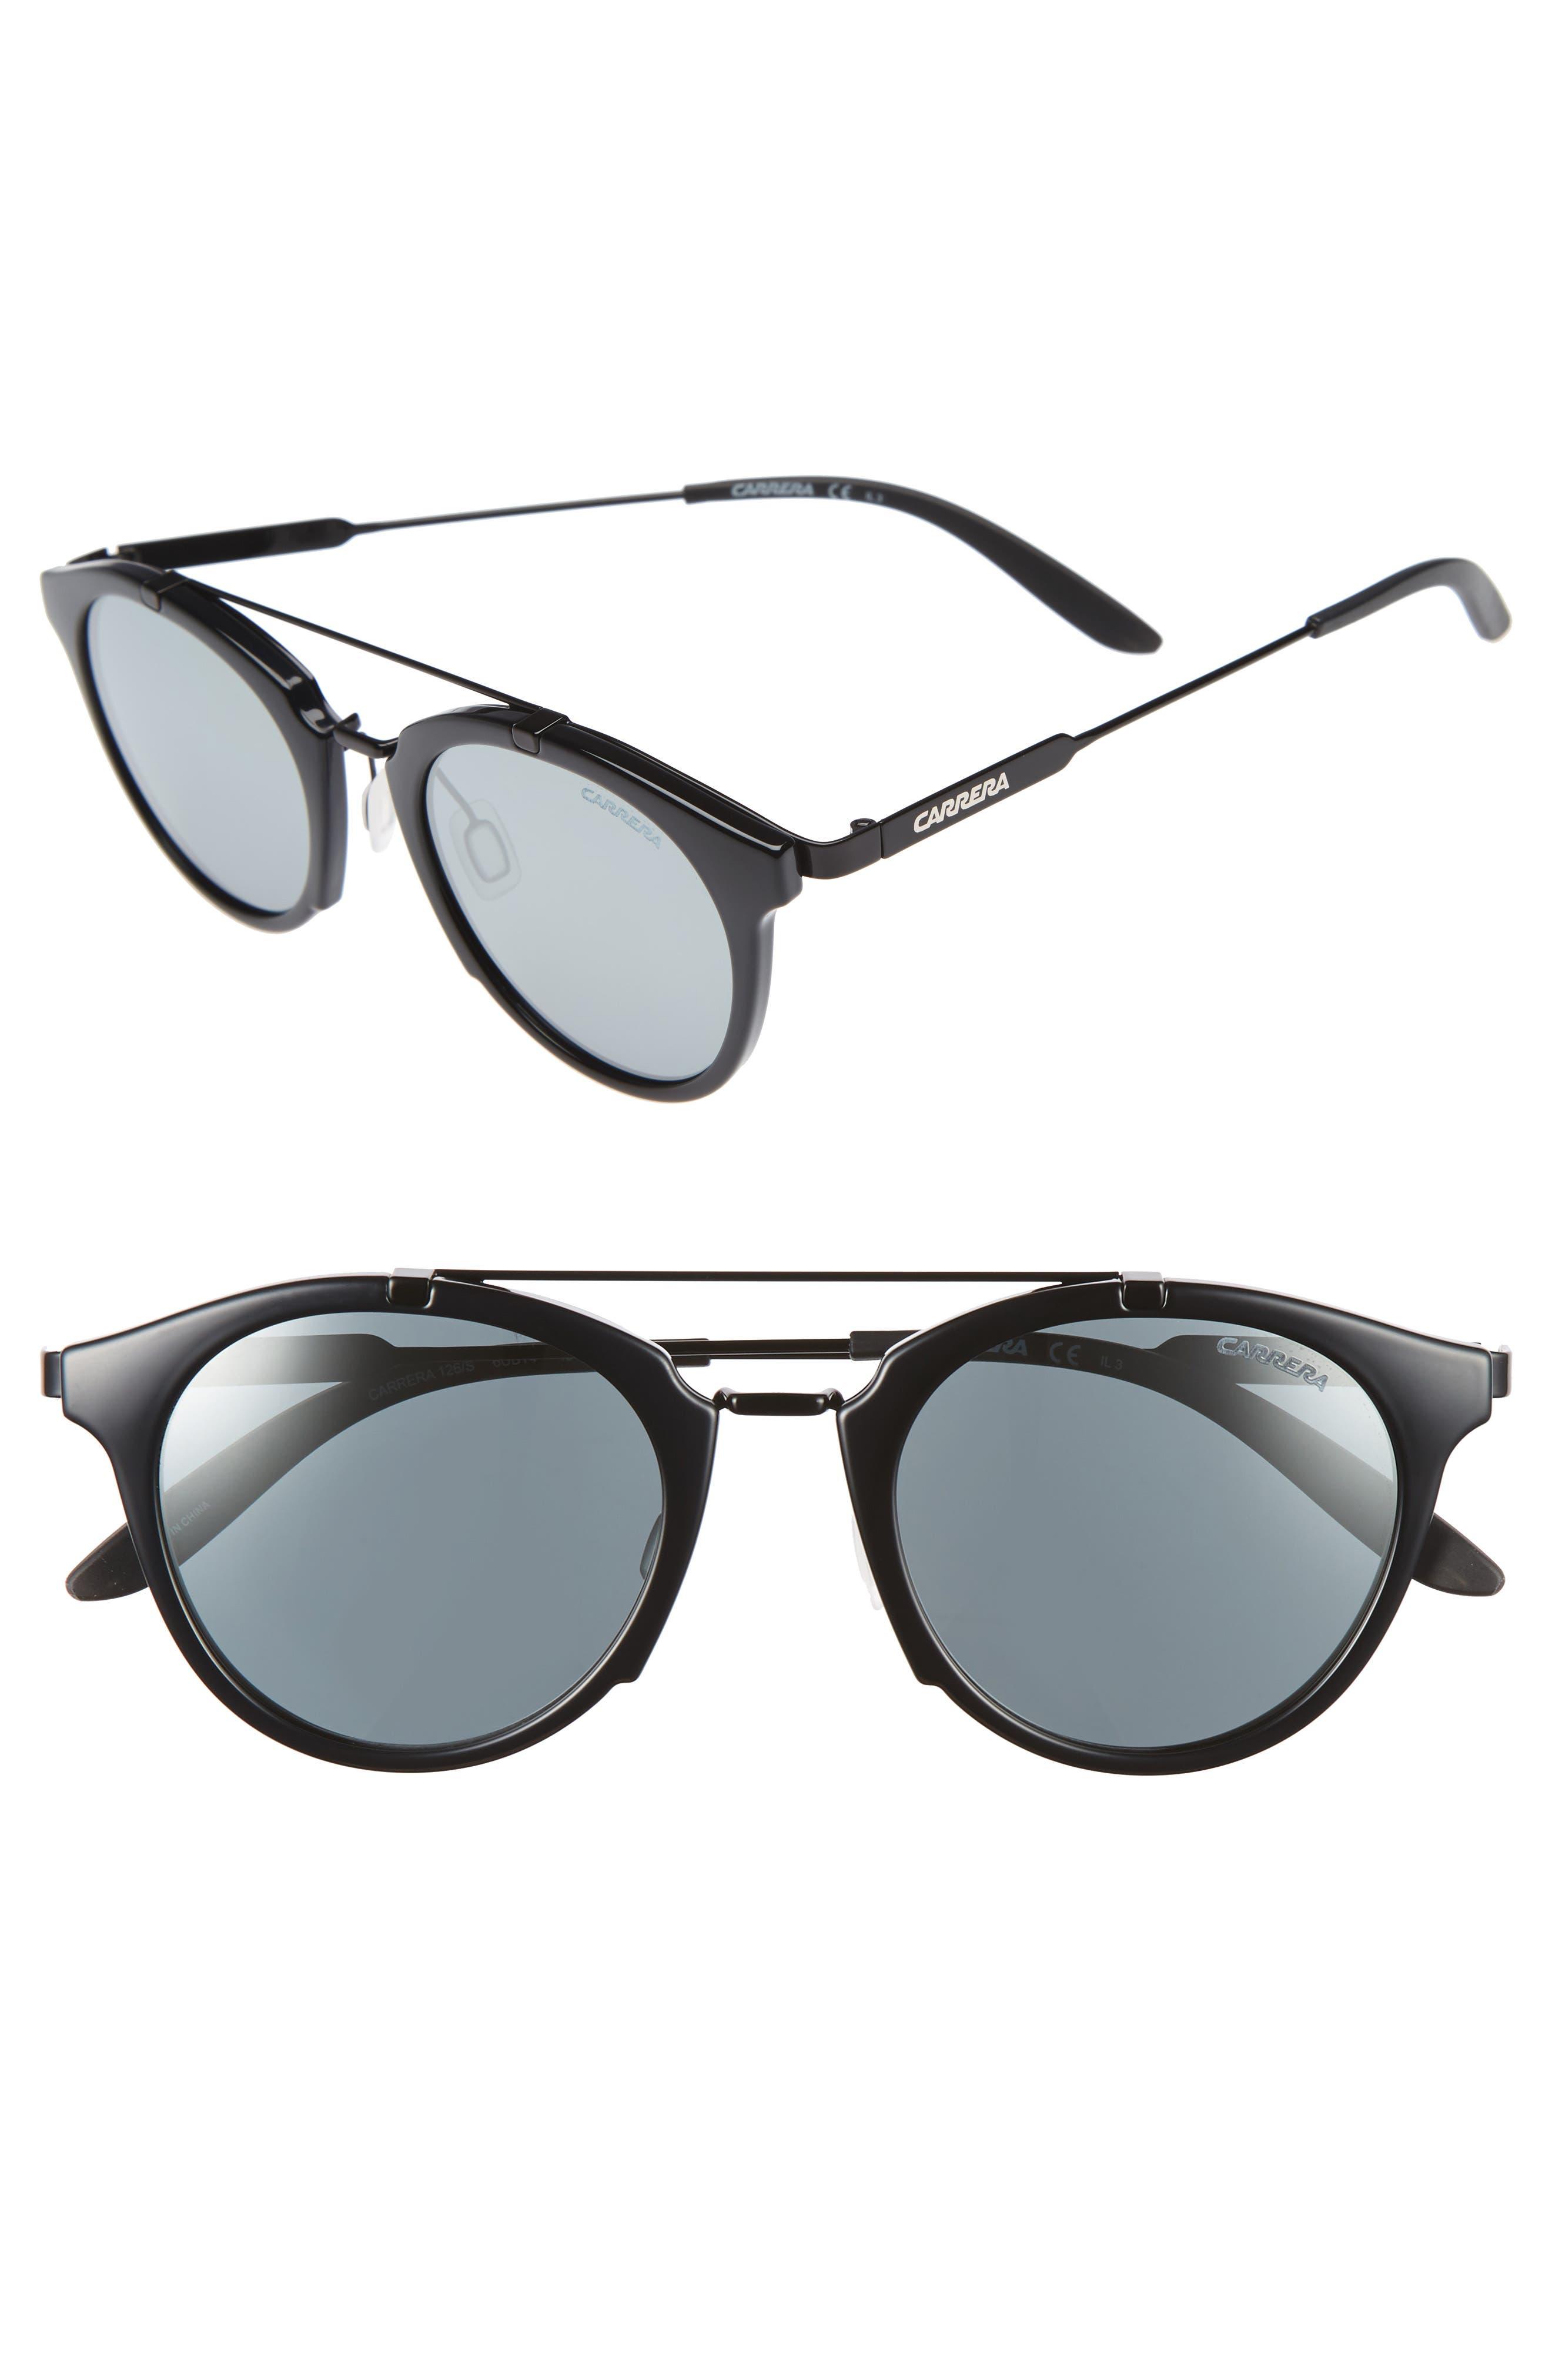 Retro 49mm Sunglasses,                         Main,                         color,